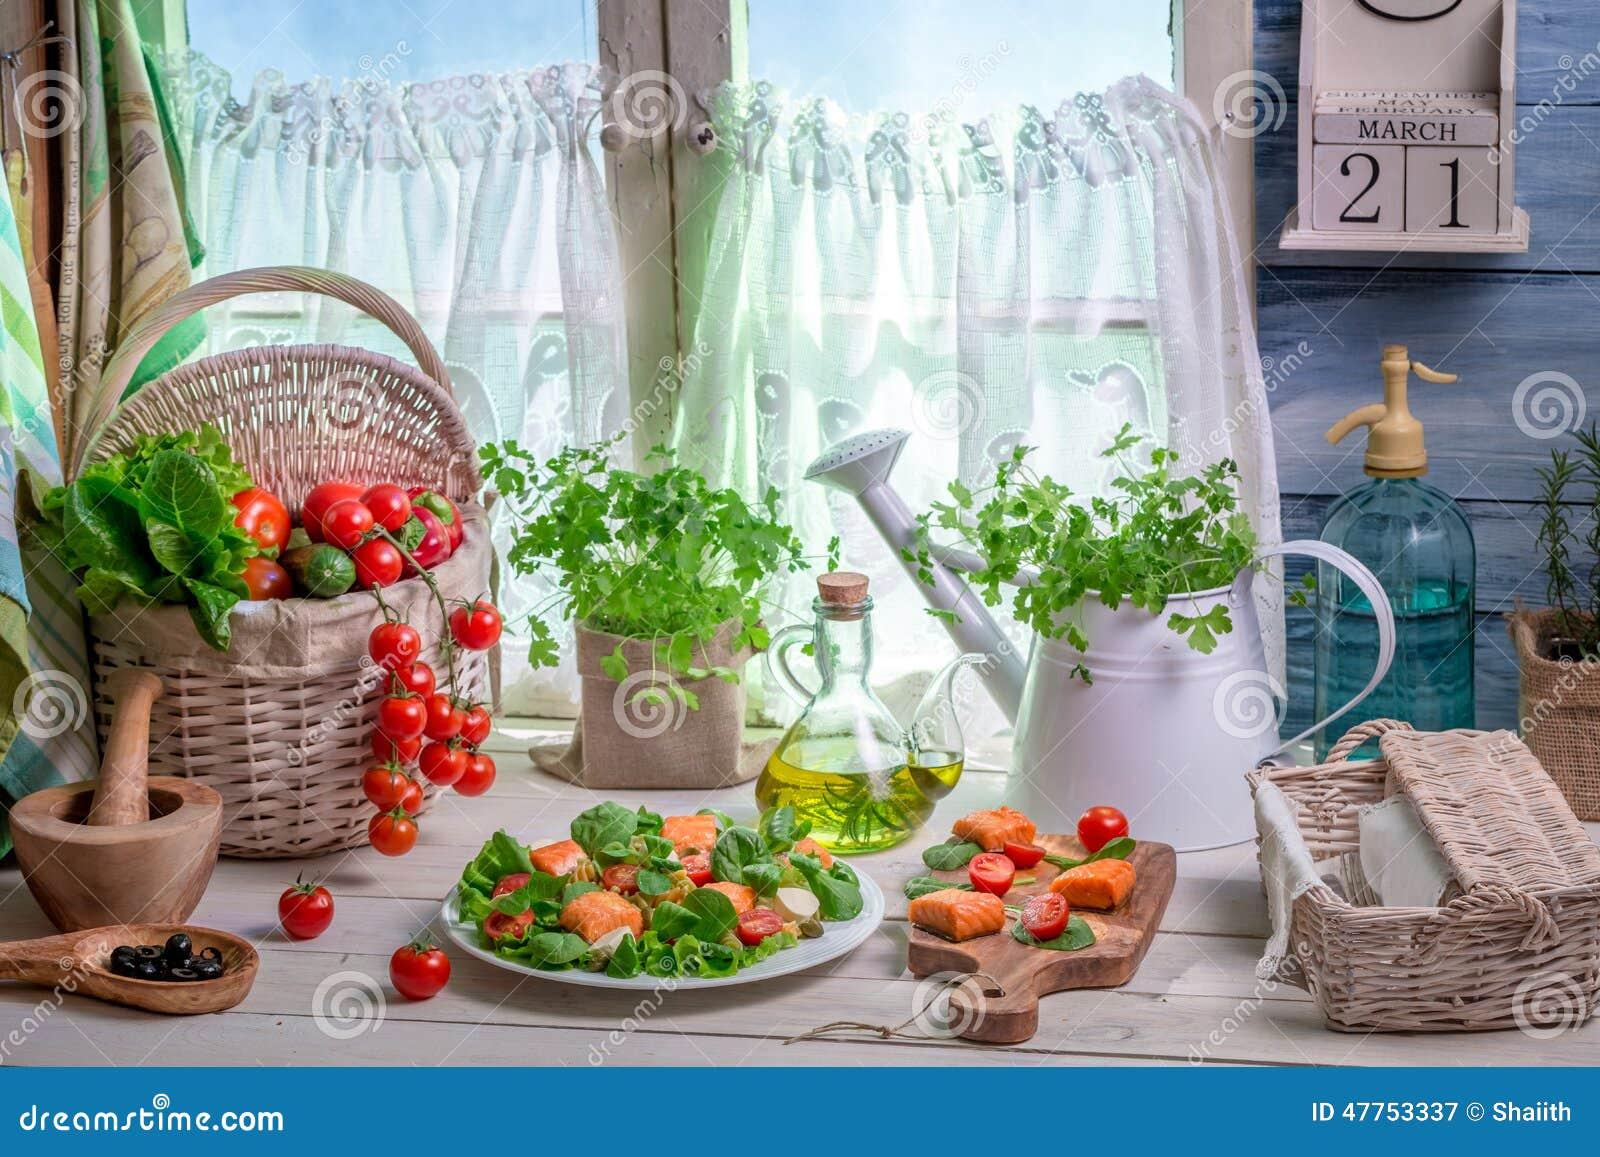 Enjoy Your Spring Kitchen Stock Photo - Image: 47753337